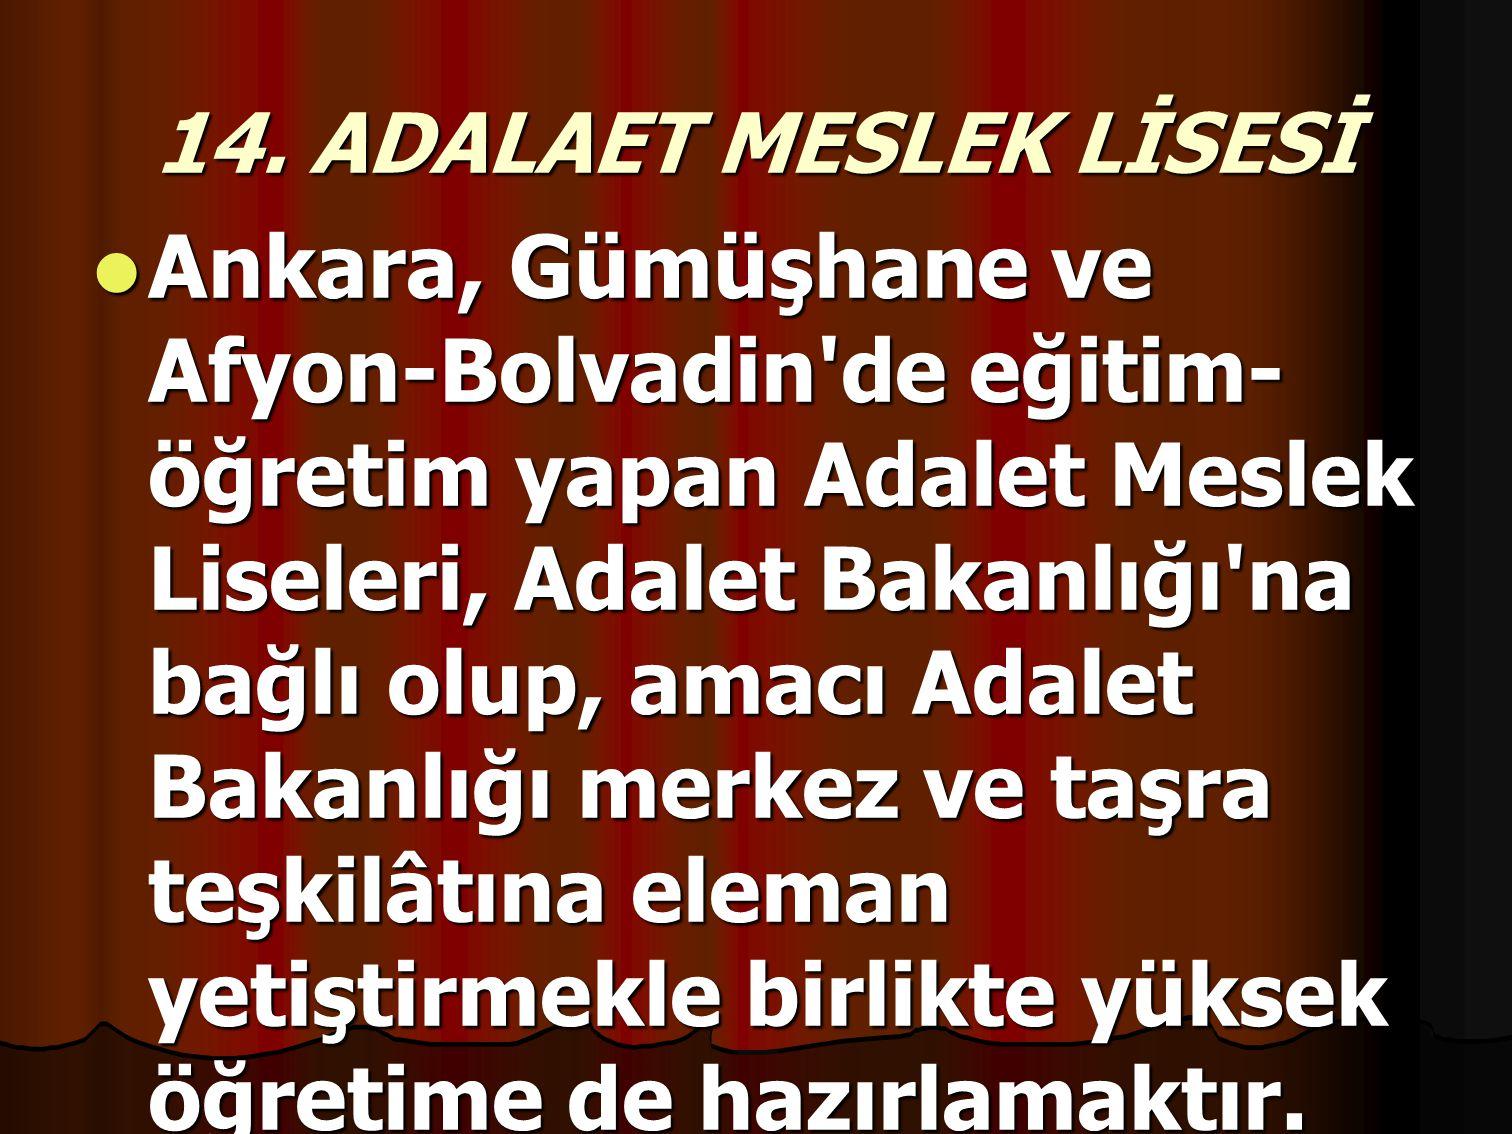 14. ADALAET MESLEK LİSESİ